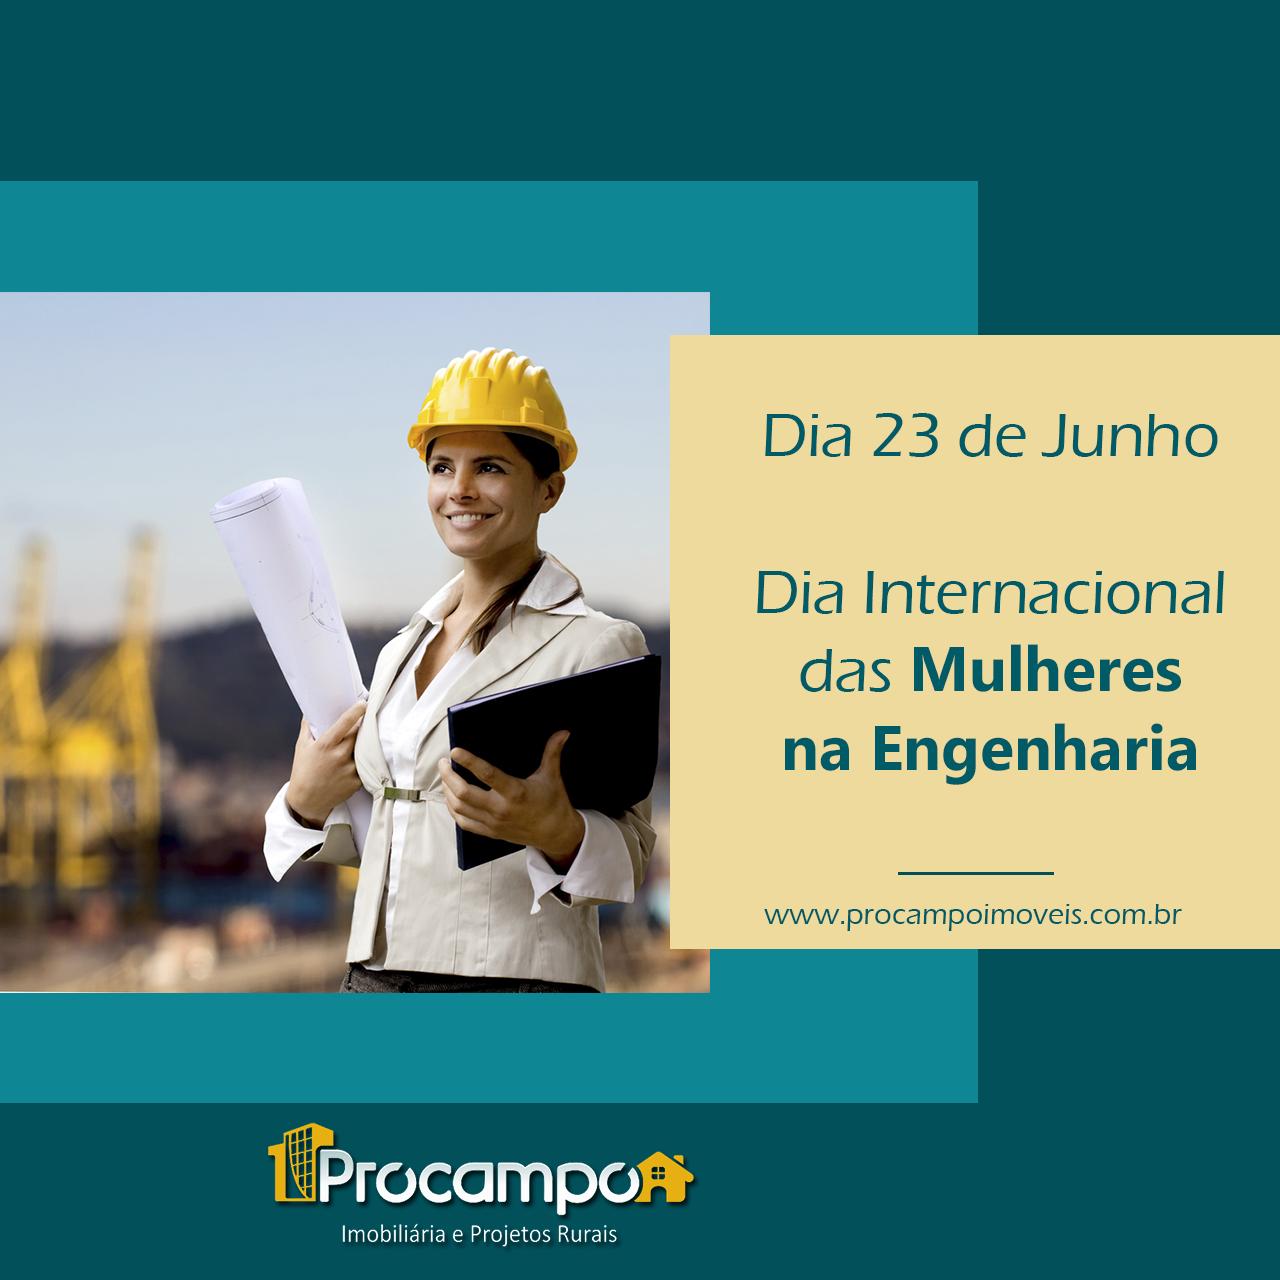 Dia Internacional das Mulheres na Engenharia